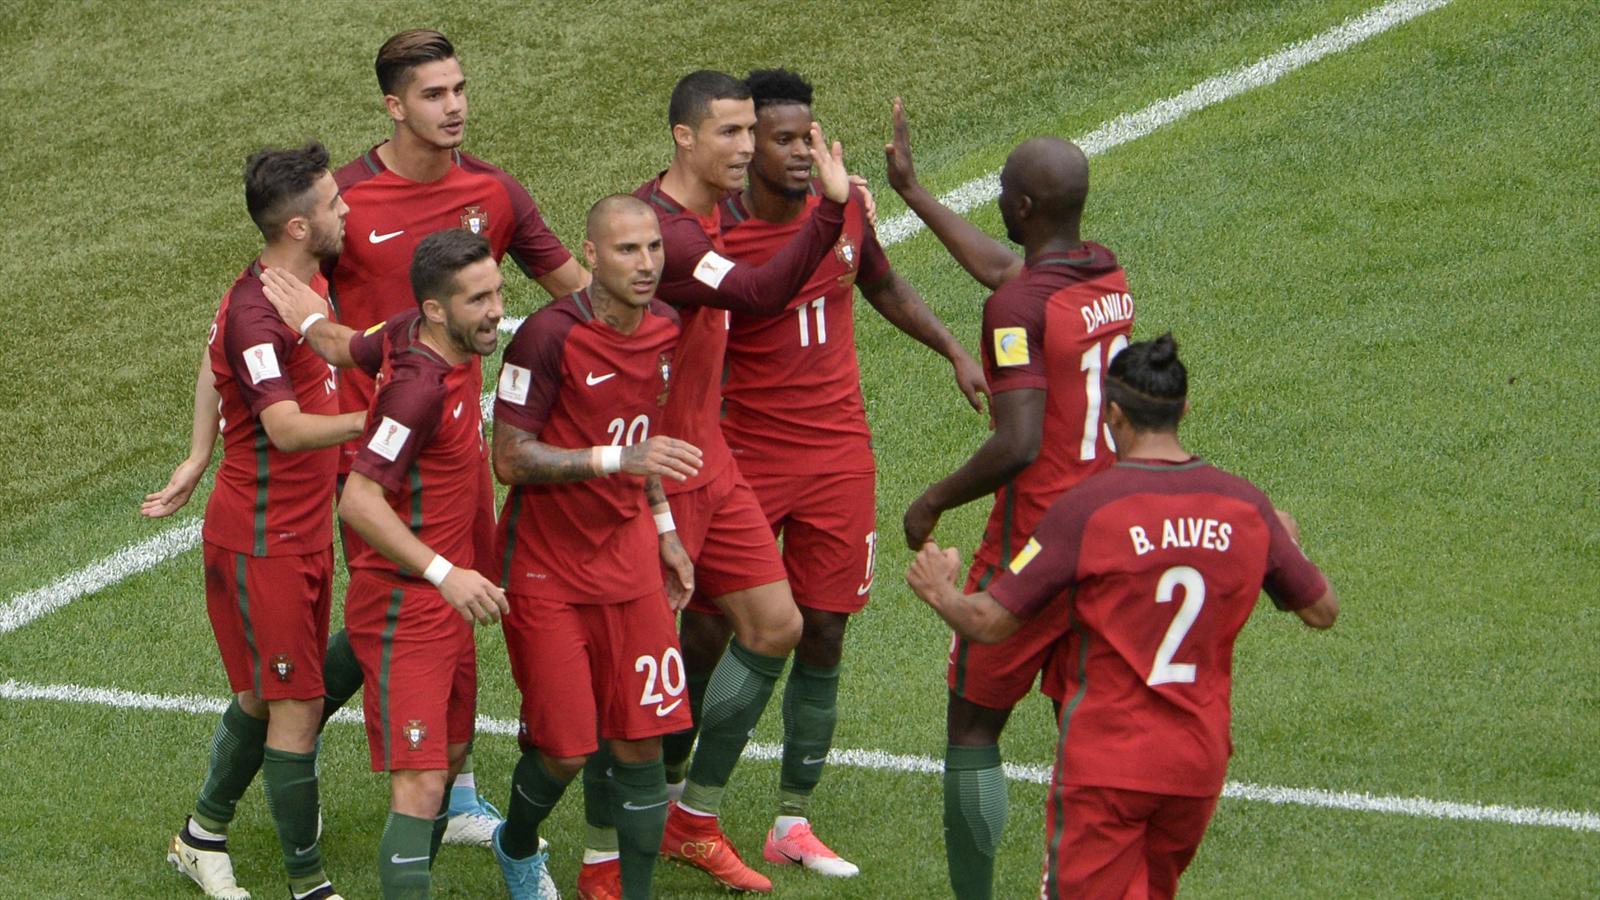 Голландия футбол португалия прогноз